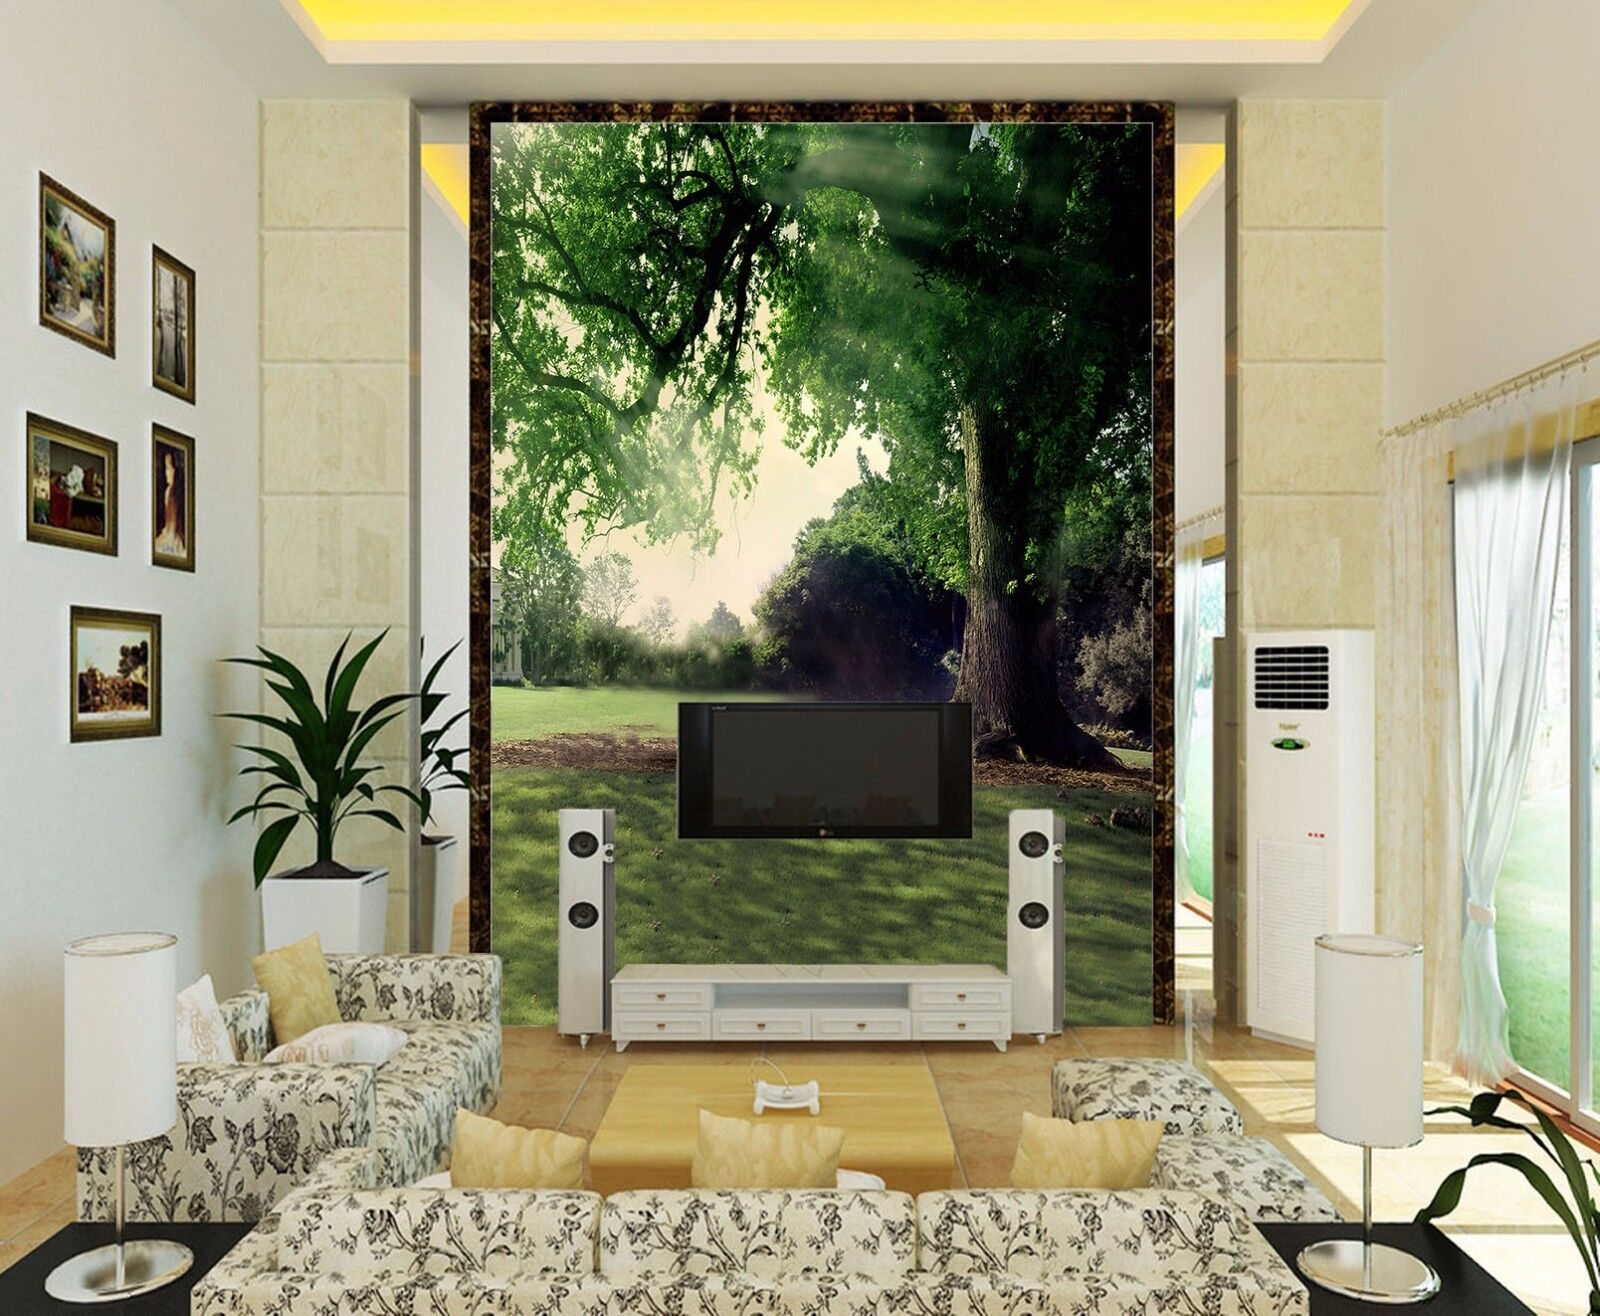 3D Baum Sonnenschein 9 Tapete Wandgemälde Tapete Tapeten Bild Familie DE Summer | Qualitätskönigin  | Hohe Sicherheit  | Lassen Sie unsere Produkte in die Welt gehen